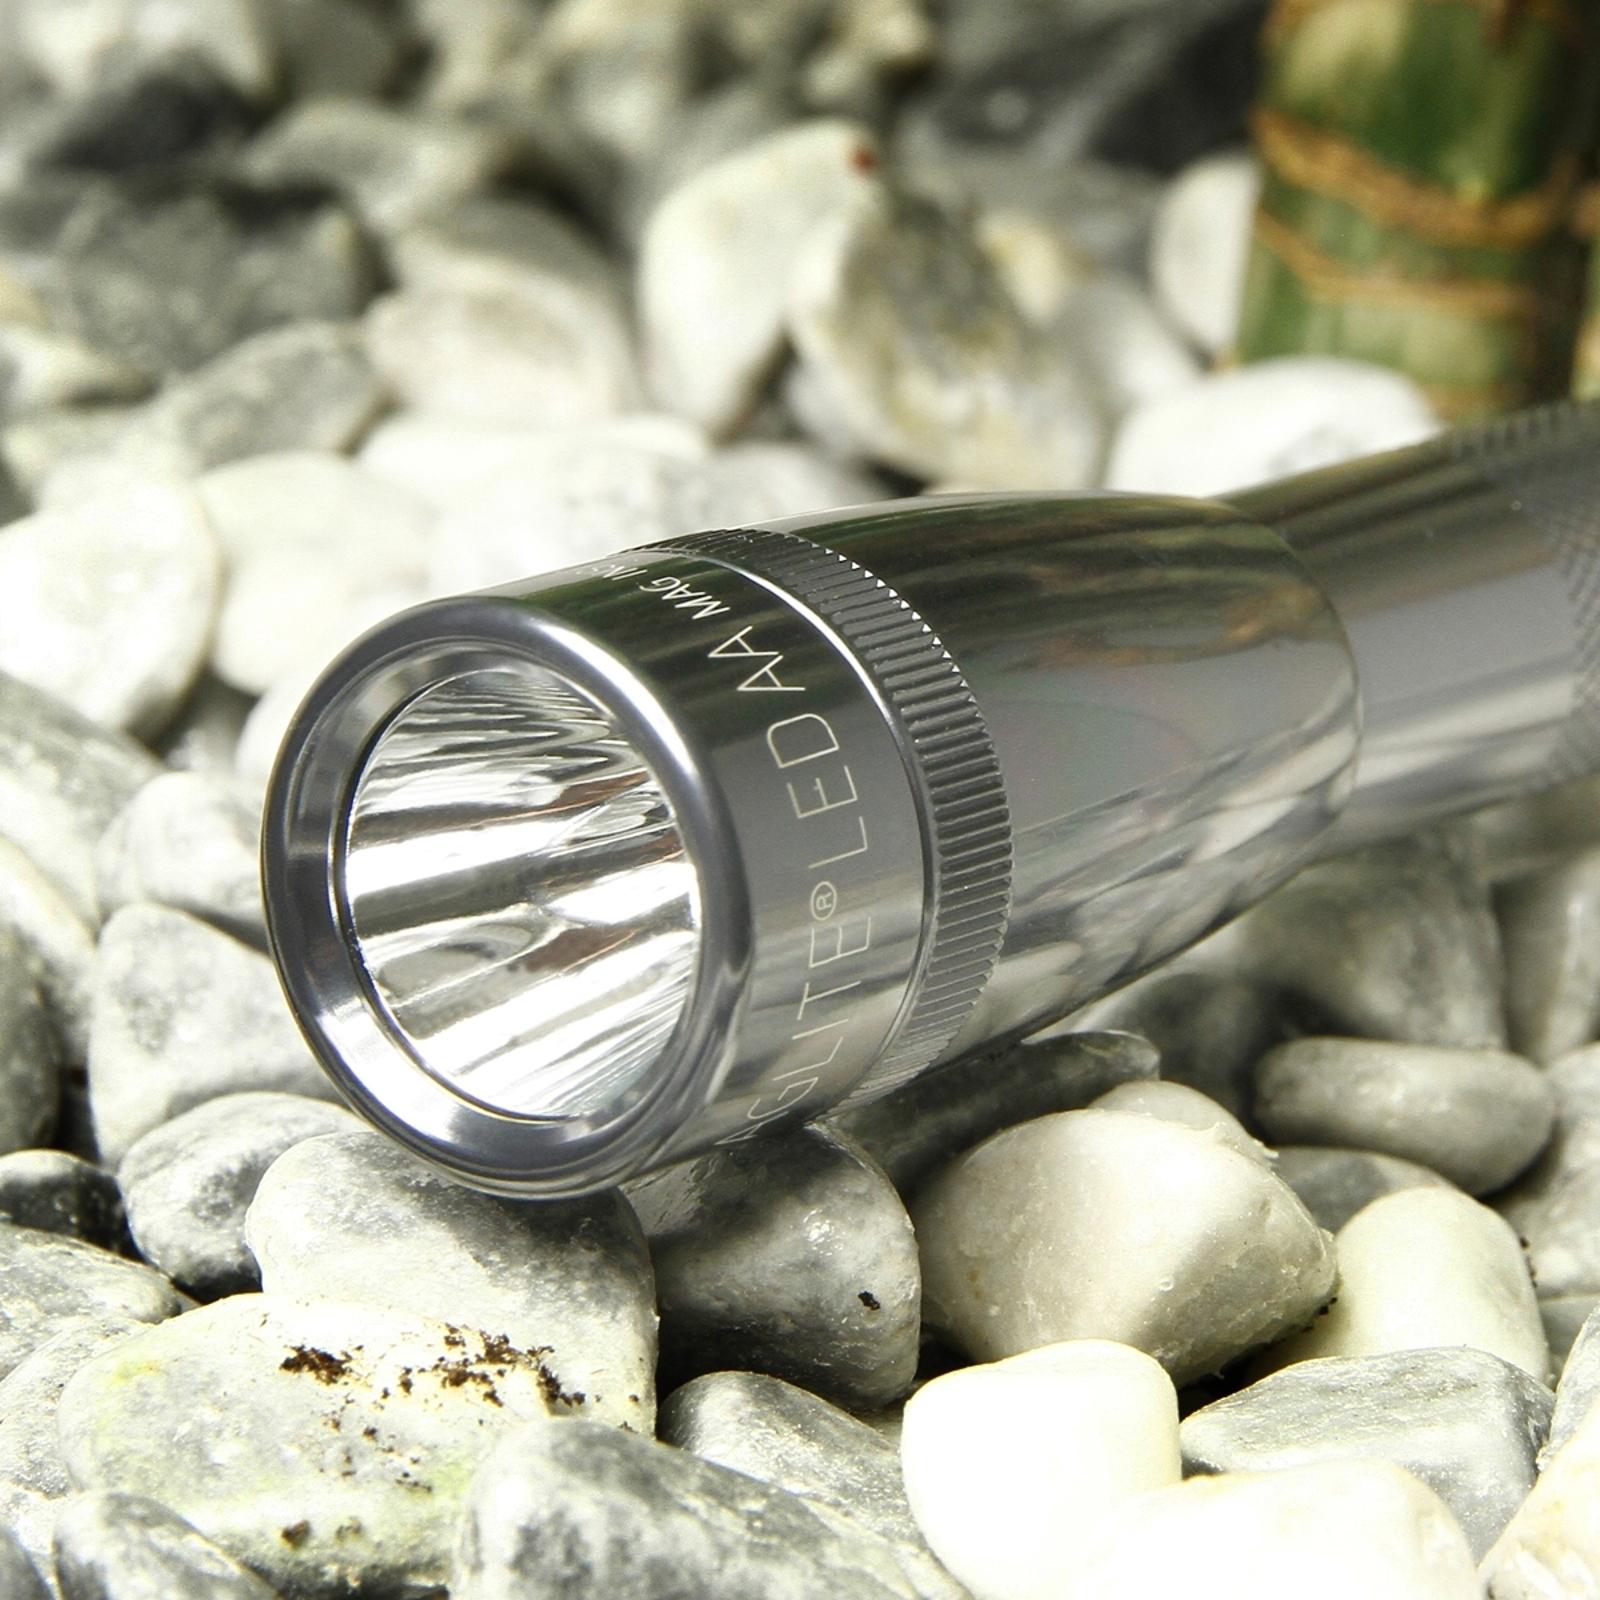 Led-zaklamp Mini-Maglite, titanium